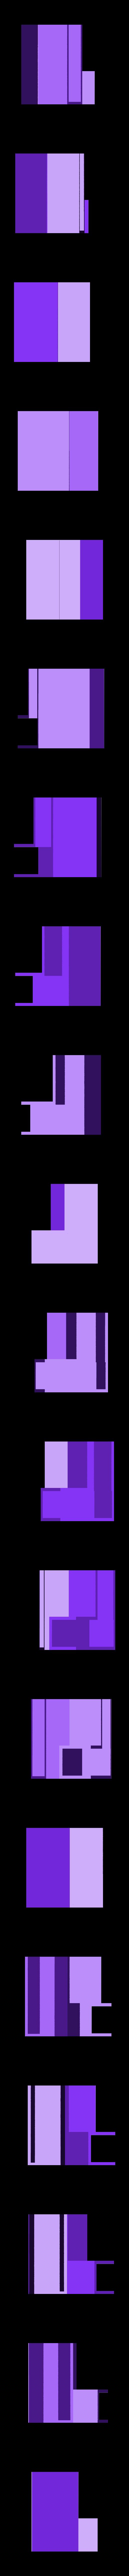 support kapla 45°fermé droite.stl Télécharger fichier STL gratuit support pour jeu kapla • Modèle pour impression 3D, jerometheuil